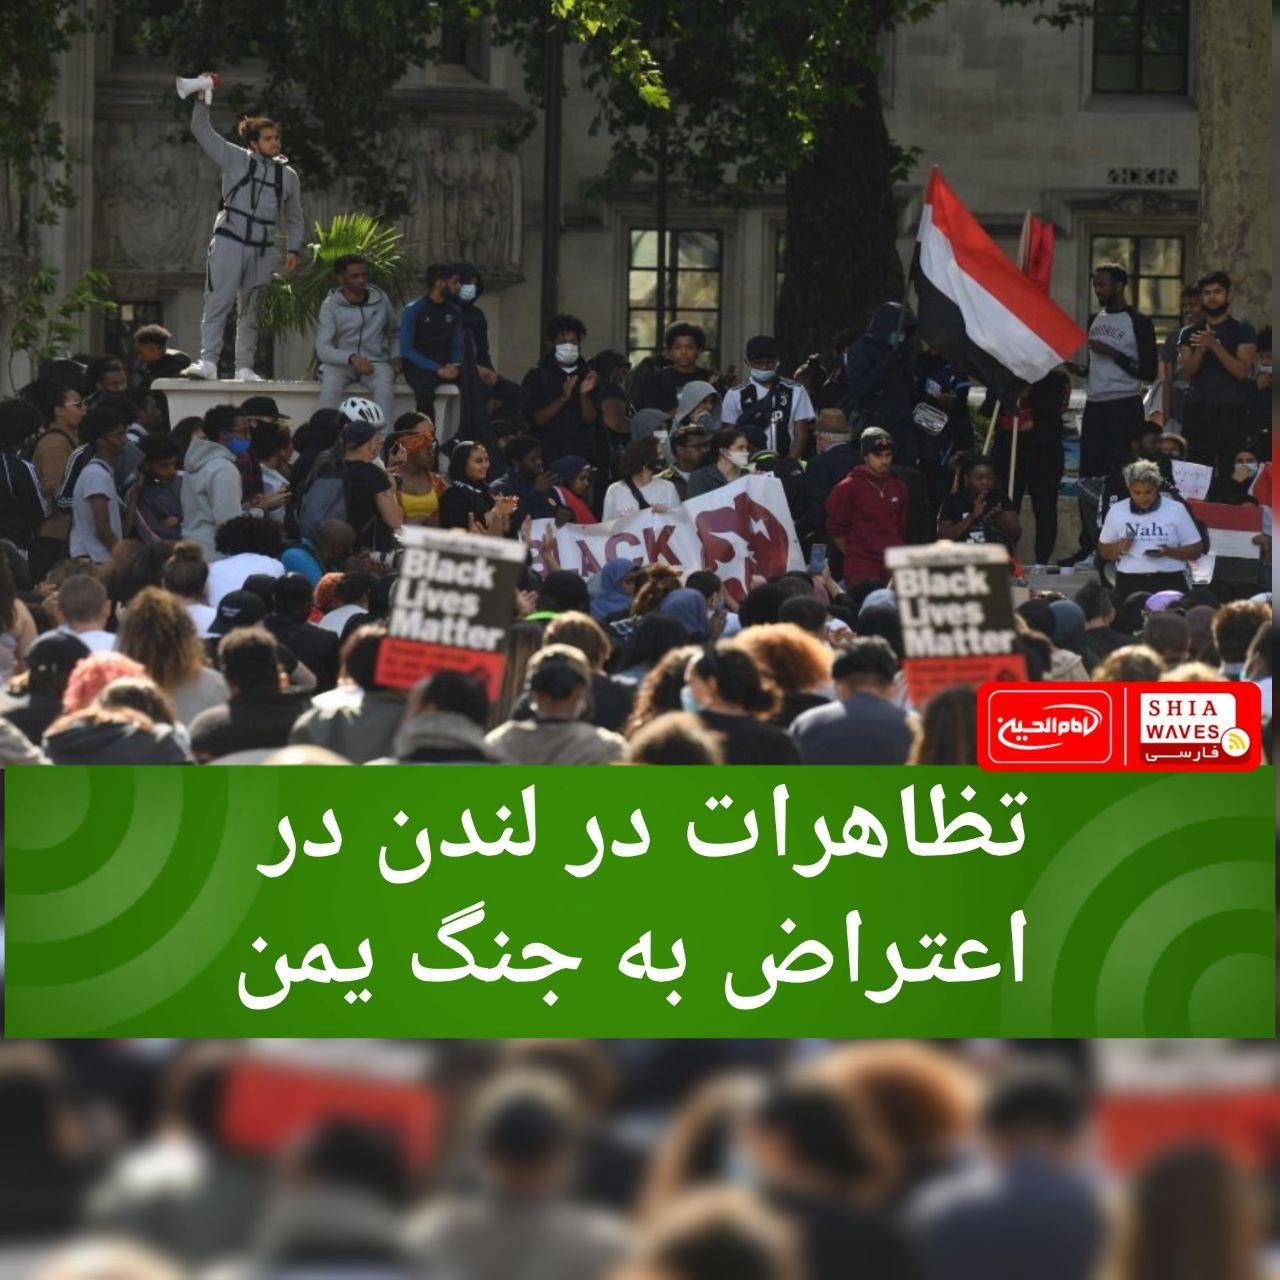 تصویر تظاهرات در لندن در اعتراض به جنگ یمن